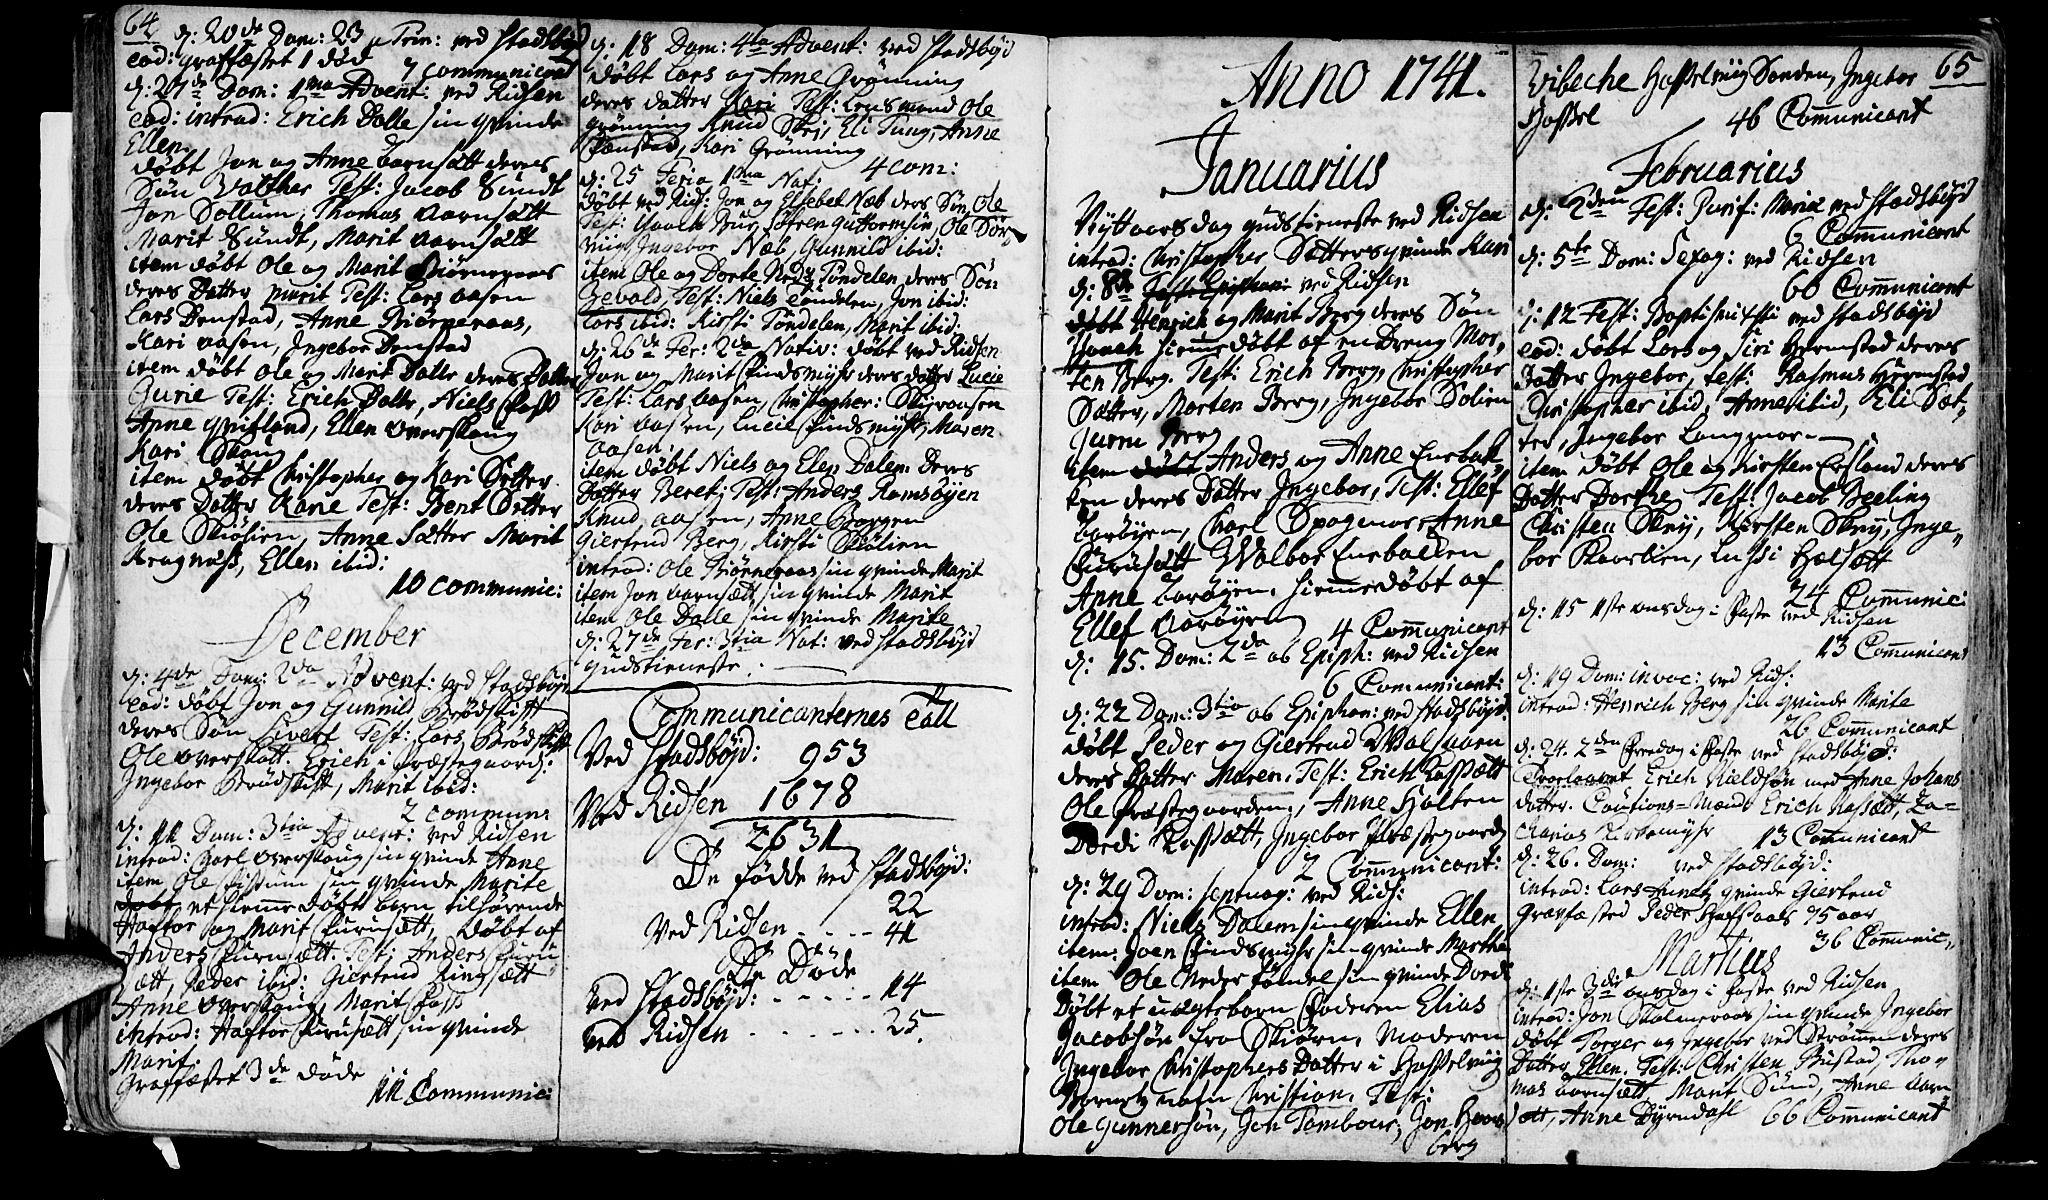 SAT, Ministerialprotokoller, klokkerbøker og fødselsregistre - Sør-Trøndelag, 646/L0604: Ministerialbok nr. 646A02, 1735-1750, s. 64-65